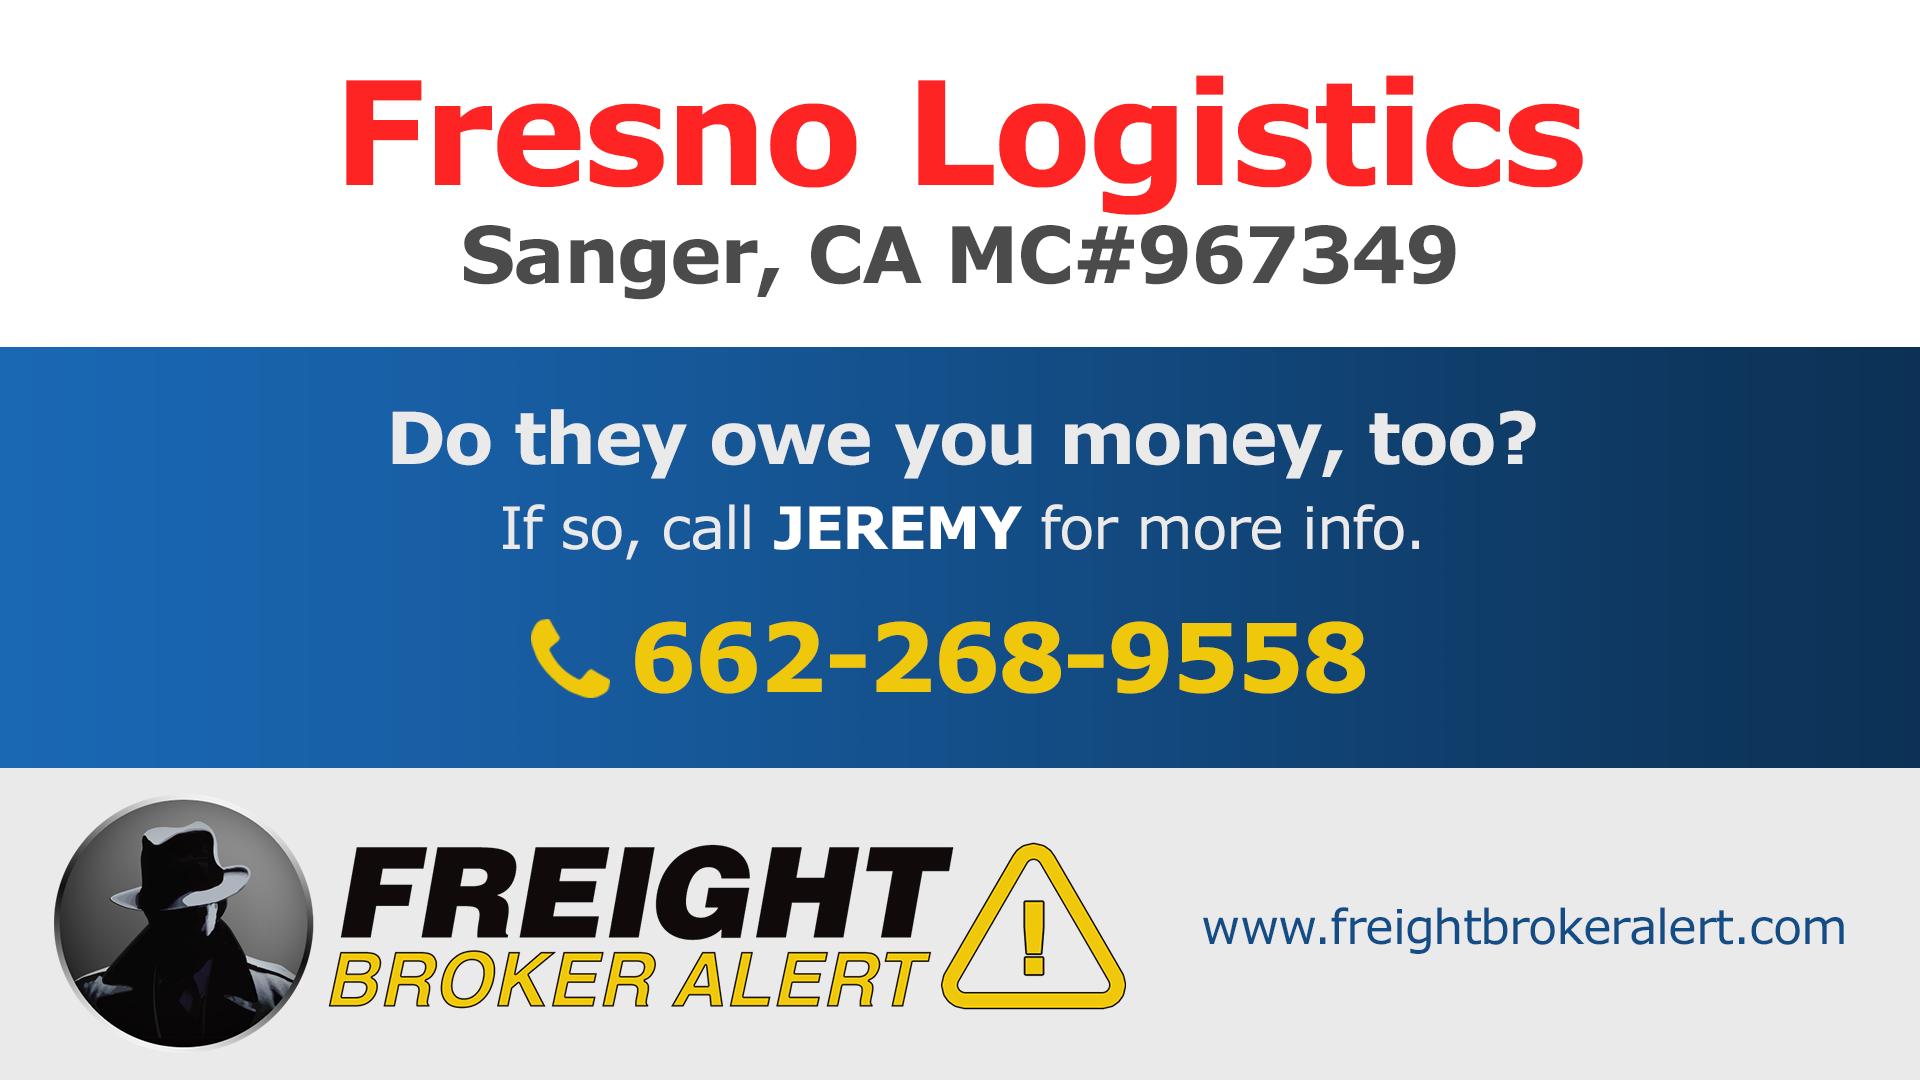 Fresno Logistics California